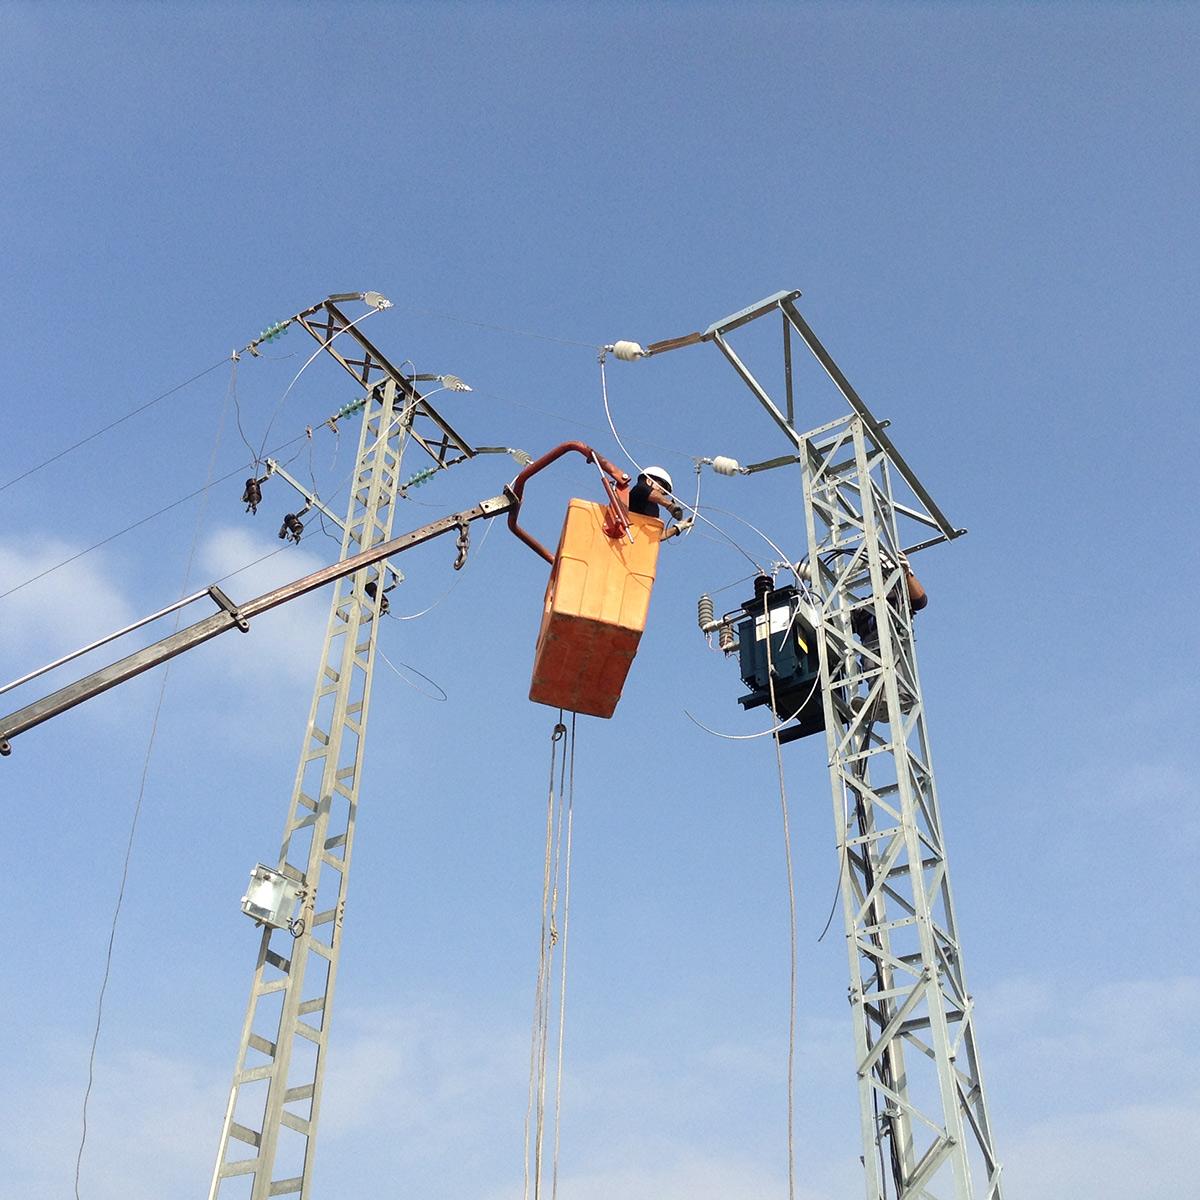 centros-transformacion-instalaciones-electricidad-ginsatel-murcia-alta-baja-tension-2